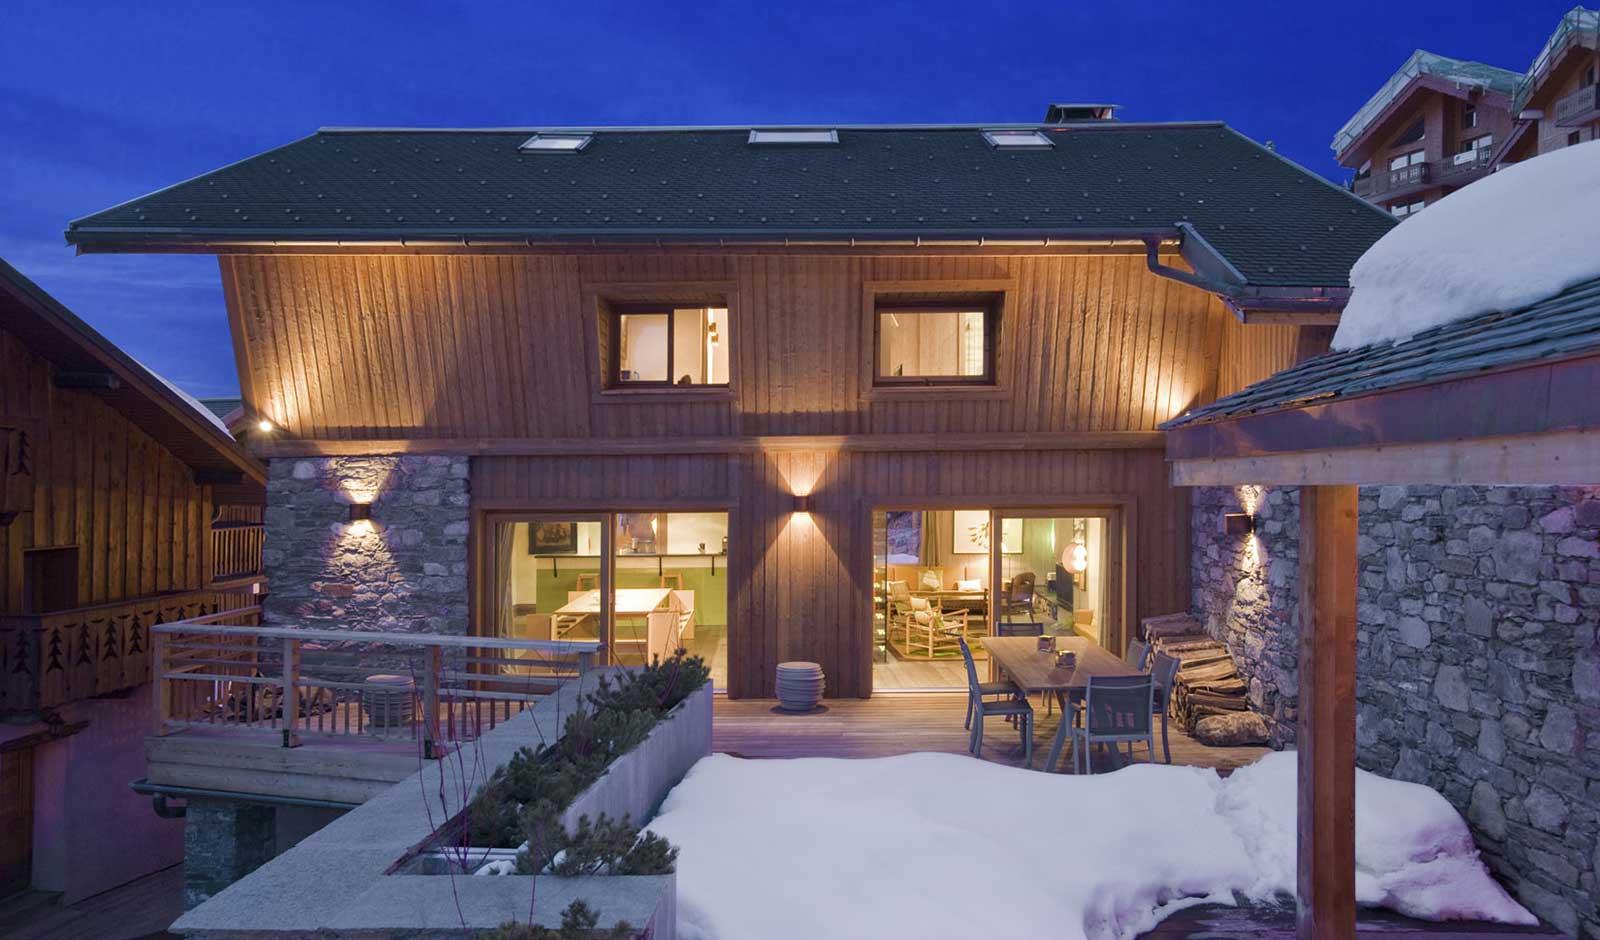 chalet-vert-mont-3-atelier-crea-and-co-architecte-design-project-manager-meribel-savoie